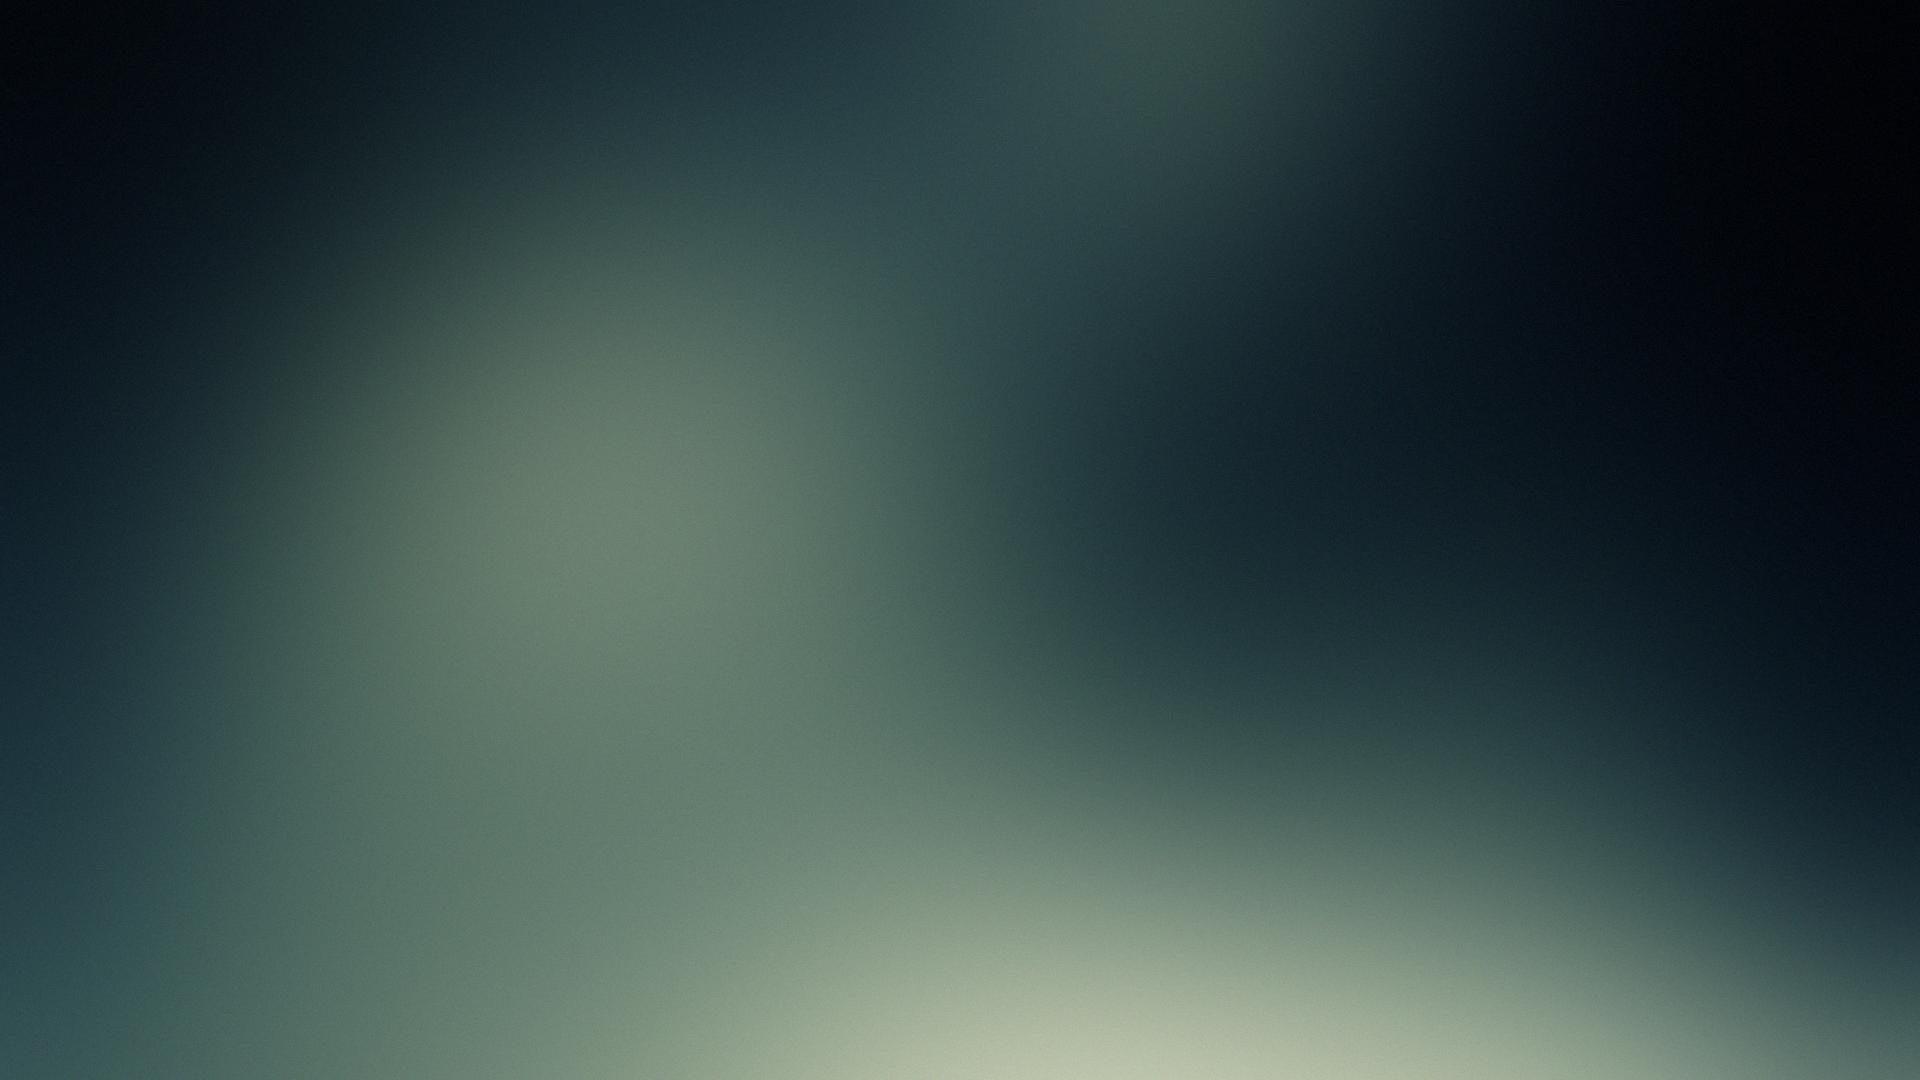 Titan Fall 2 Hd Wallpaper Blue Wallpaper 1024x768 135